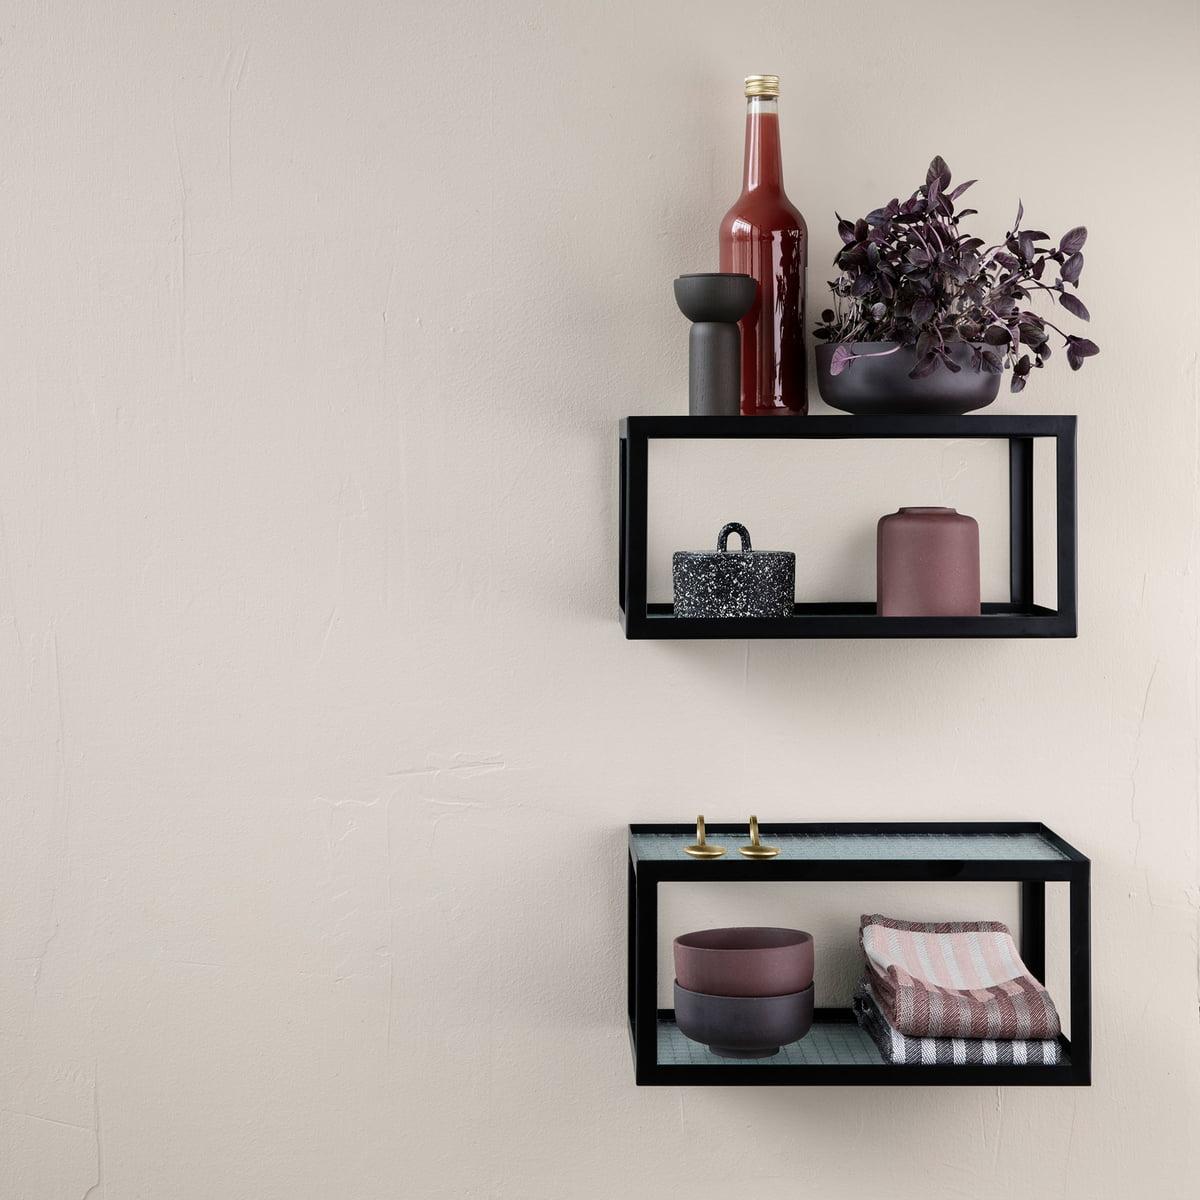 sekki schalen set 3 tlg von ferm living connox. Black Bedroom Furniture Sets. Home Design Ideas